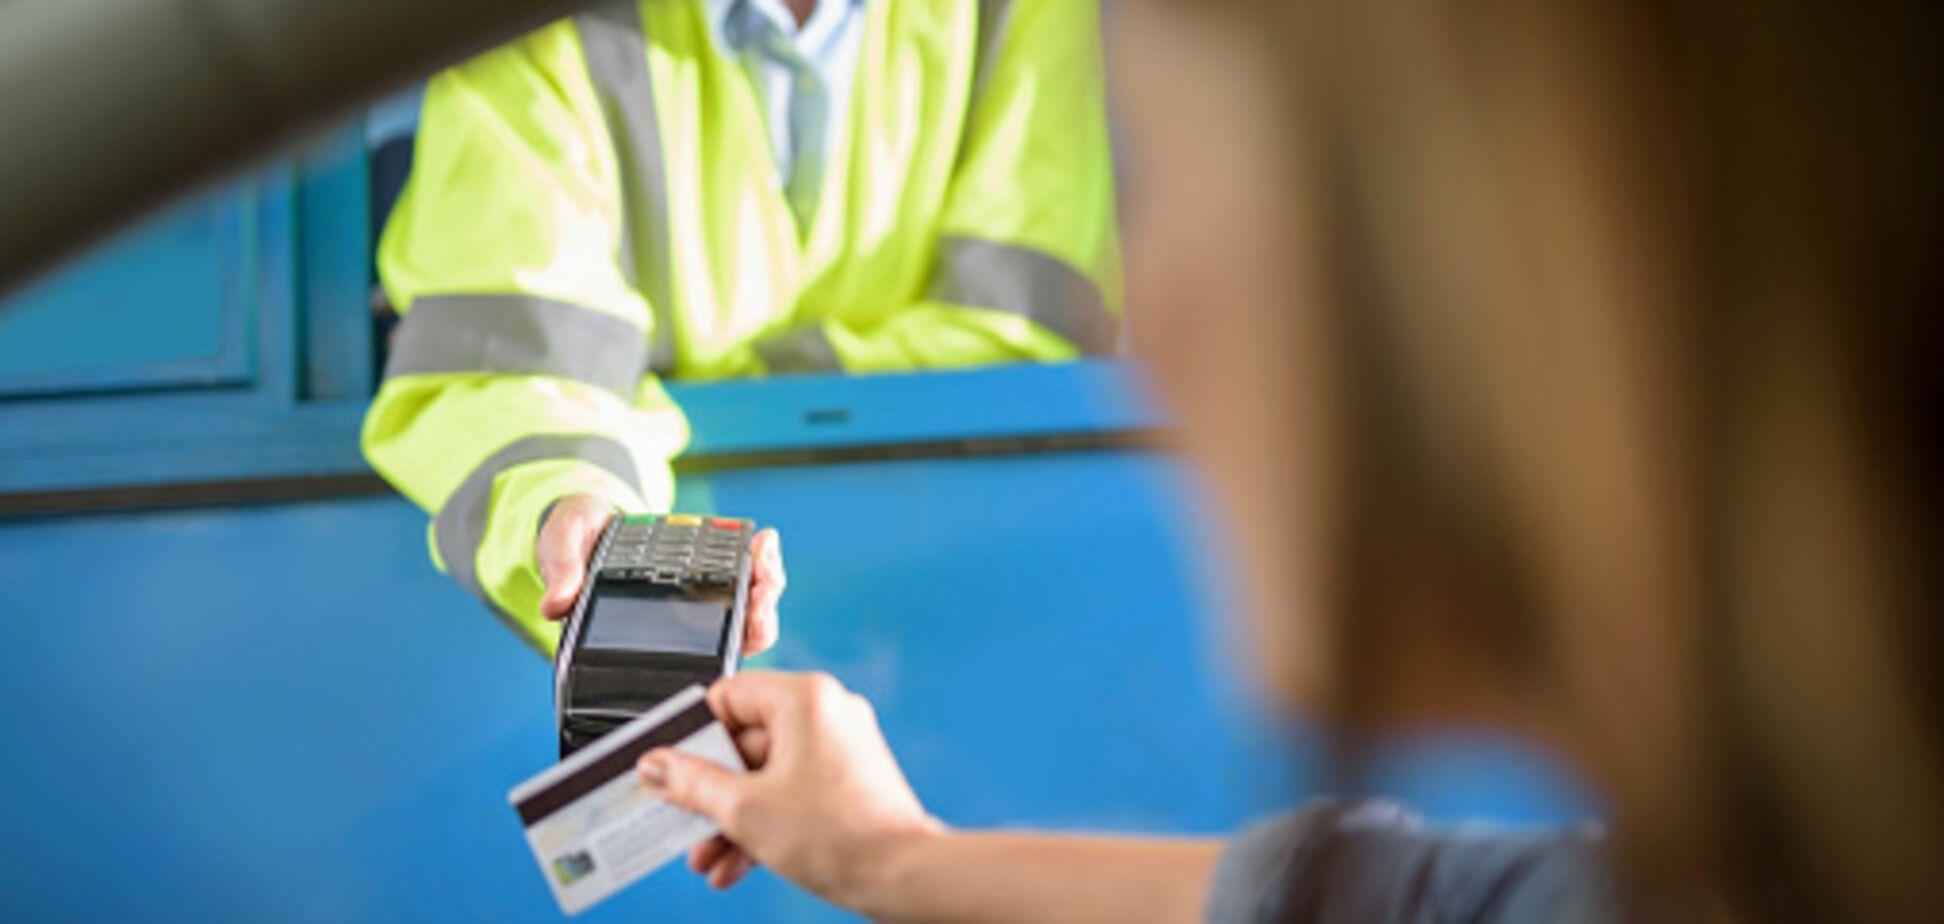 Поліція оштрафувала водія за електронний поліс ОСАЦВ - ЗМІ